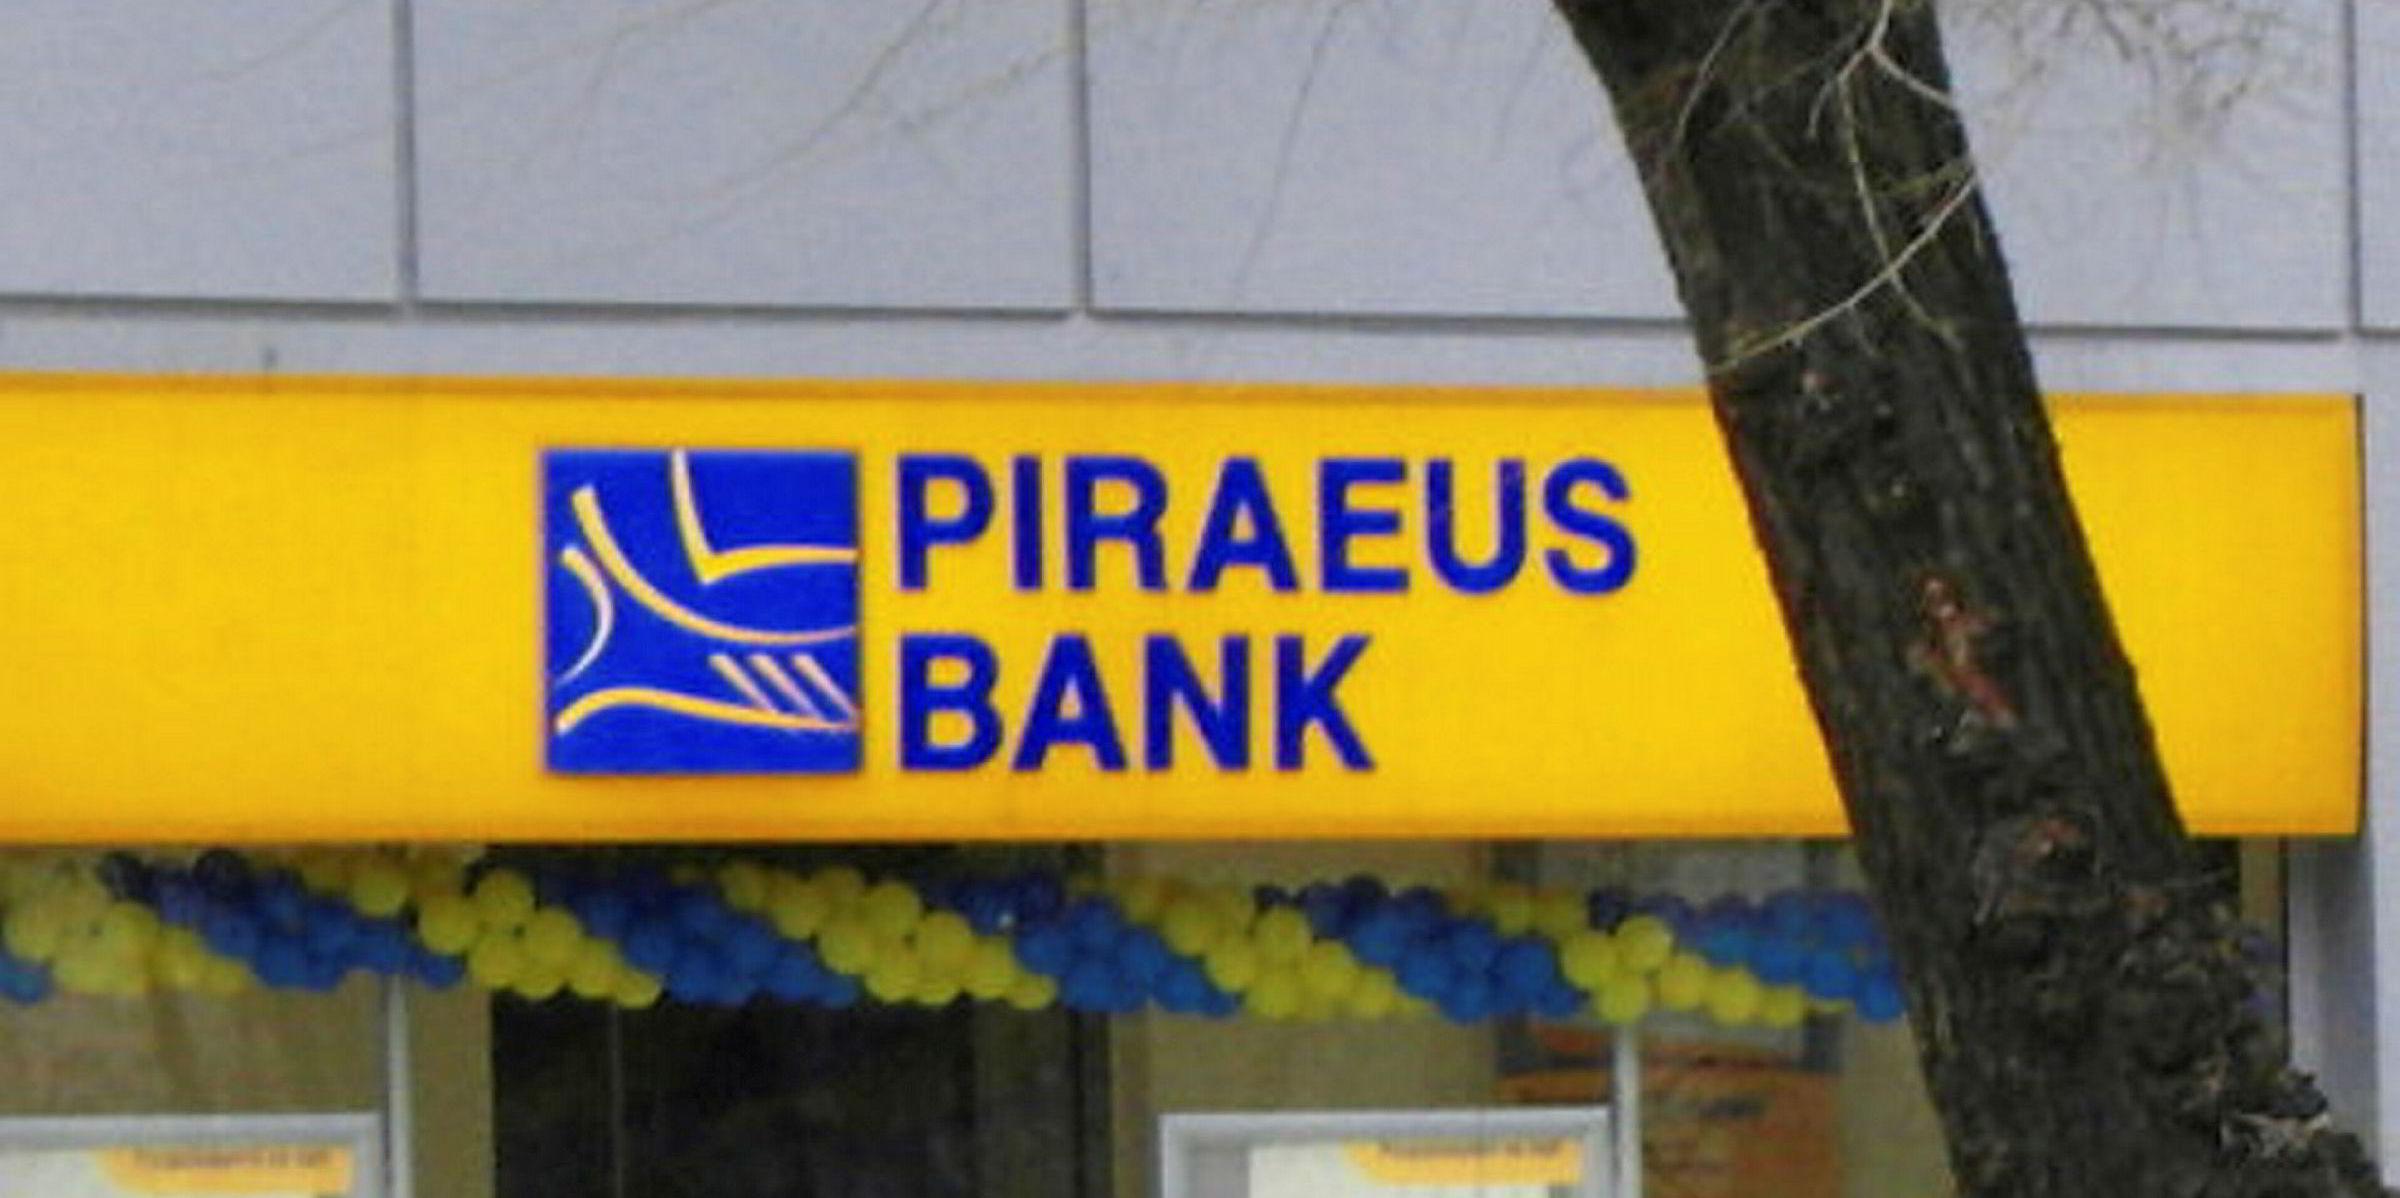 Little joy for Piraeus Bank at Singapore bulker auction